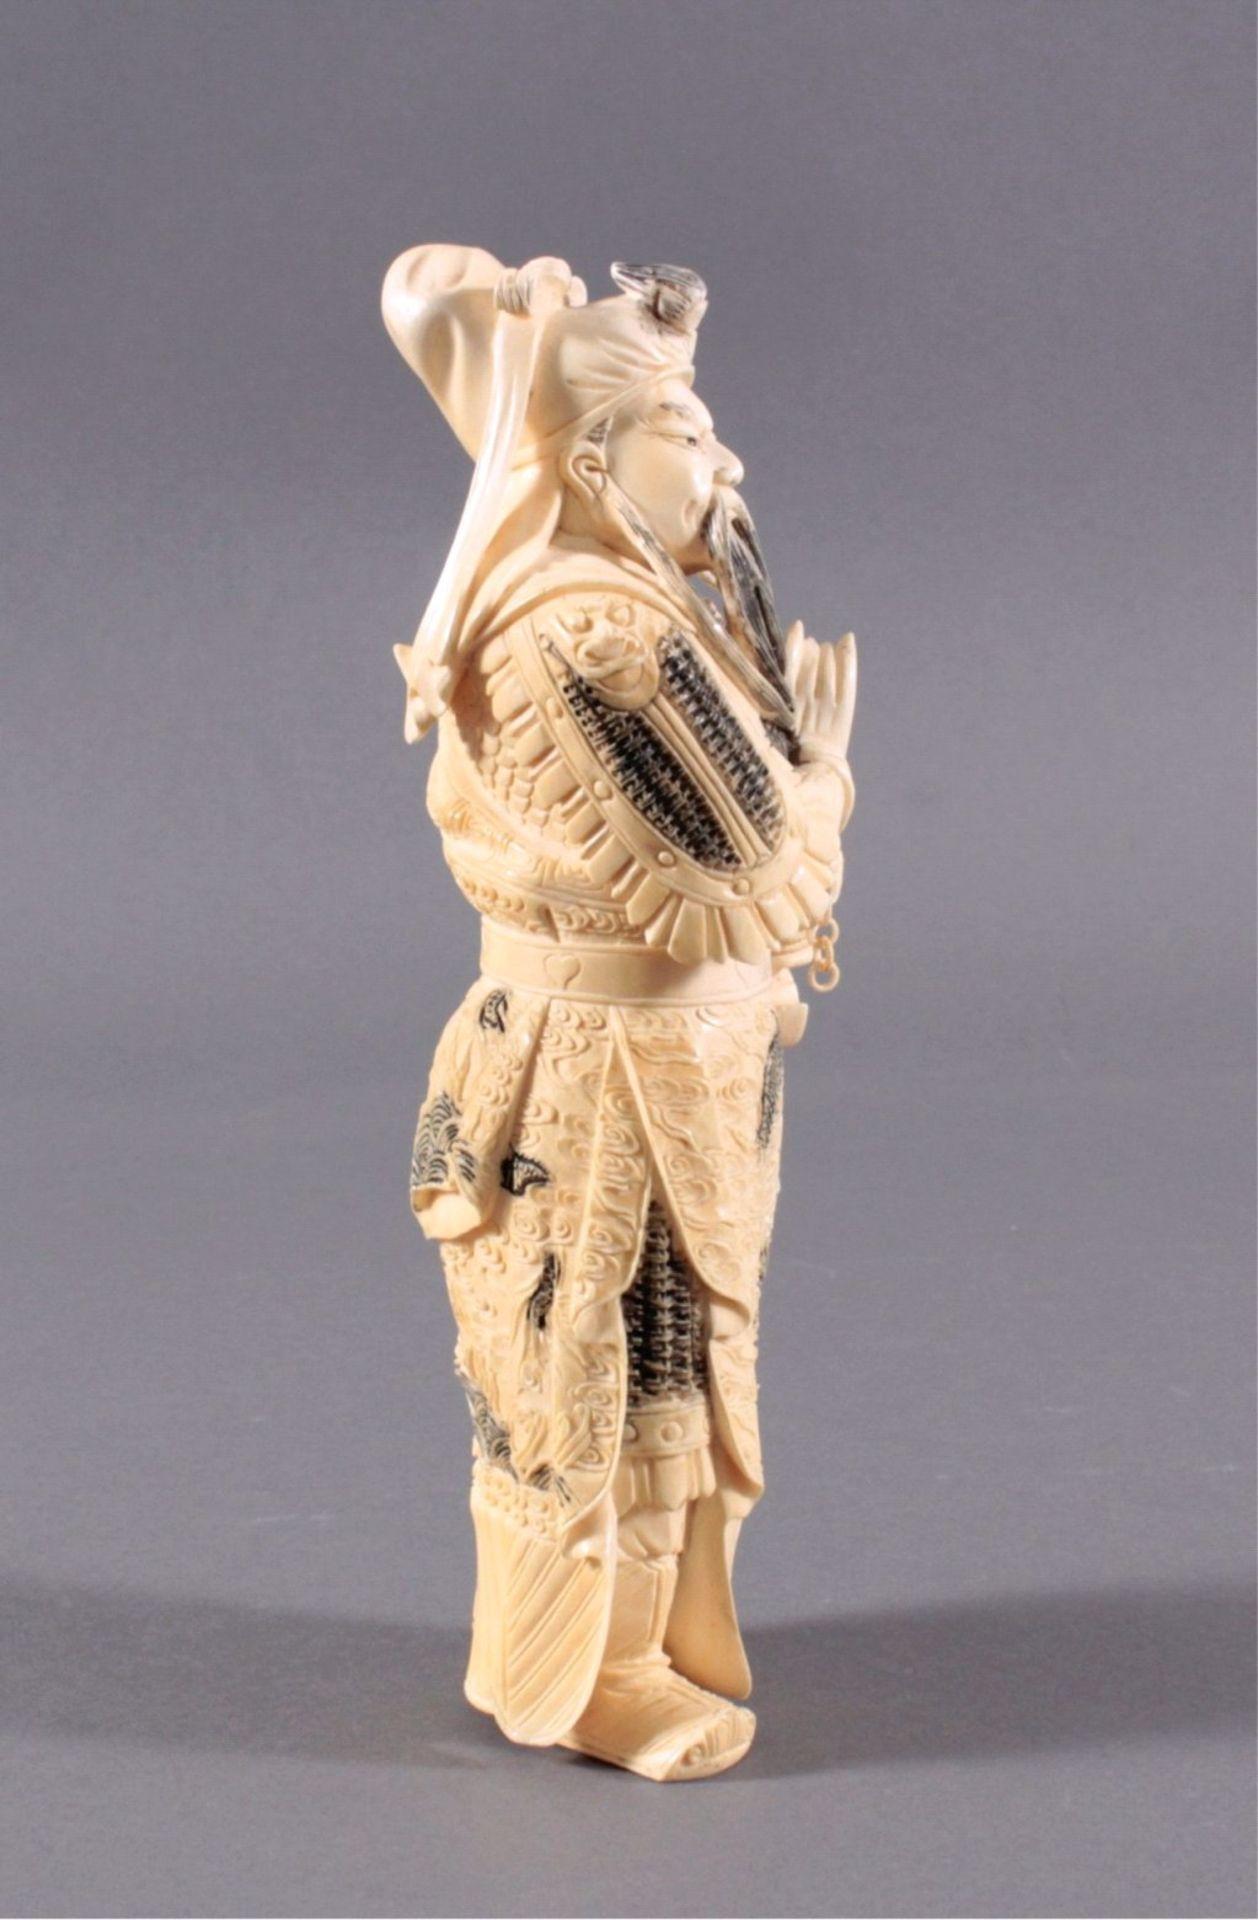 Elfenbeinfigur, 19./20. Jh.Guandi, vollplastisch geschnitzt, schwarz eingefärbt. Seinelinke Hand - Bild 2 aus 6